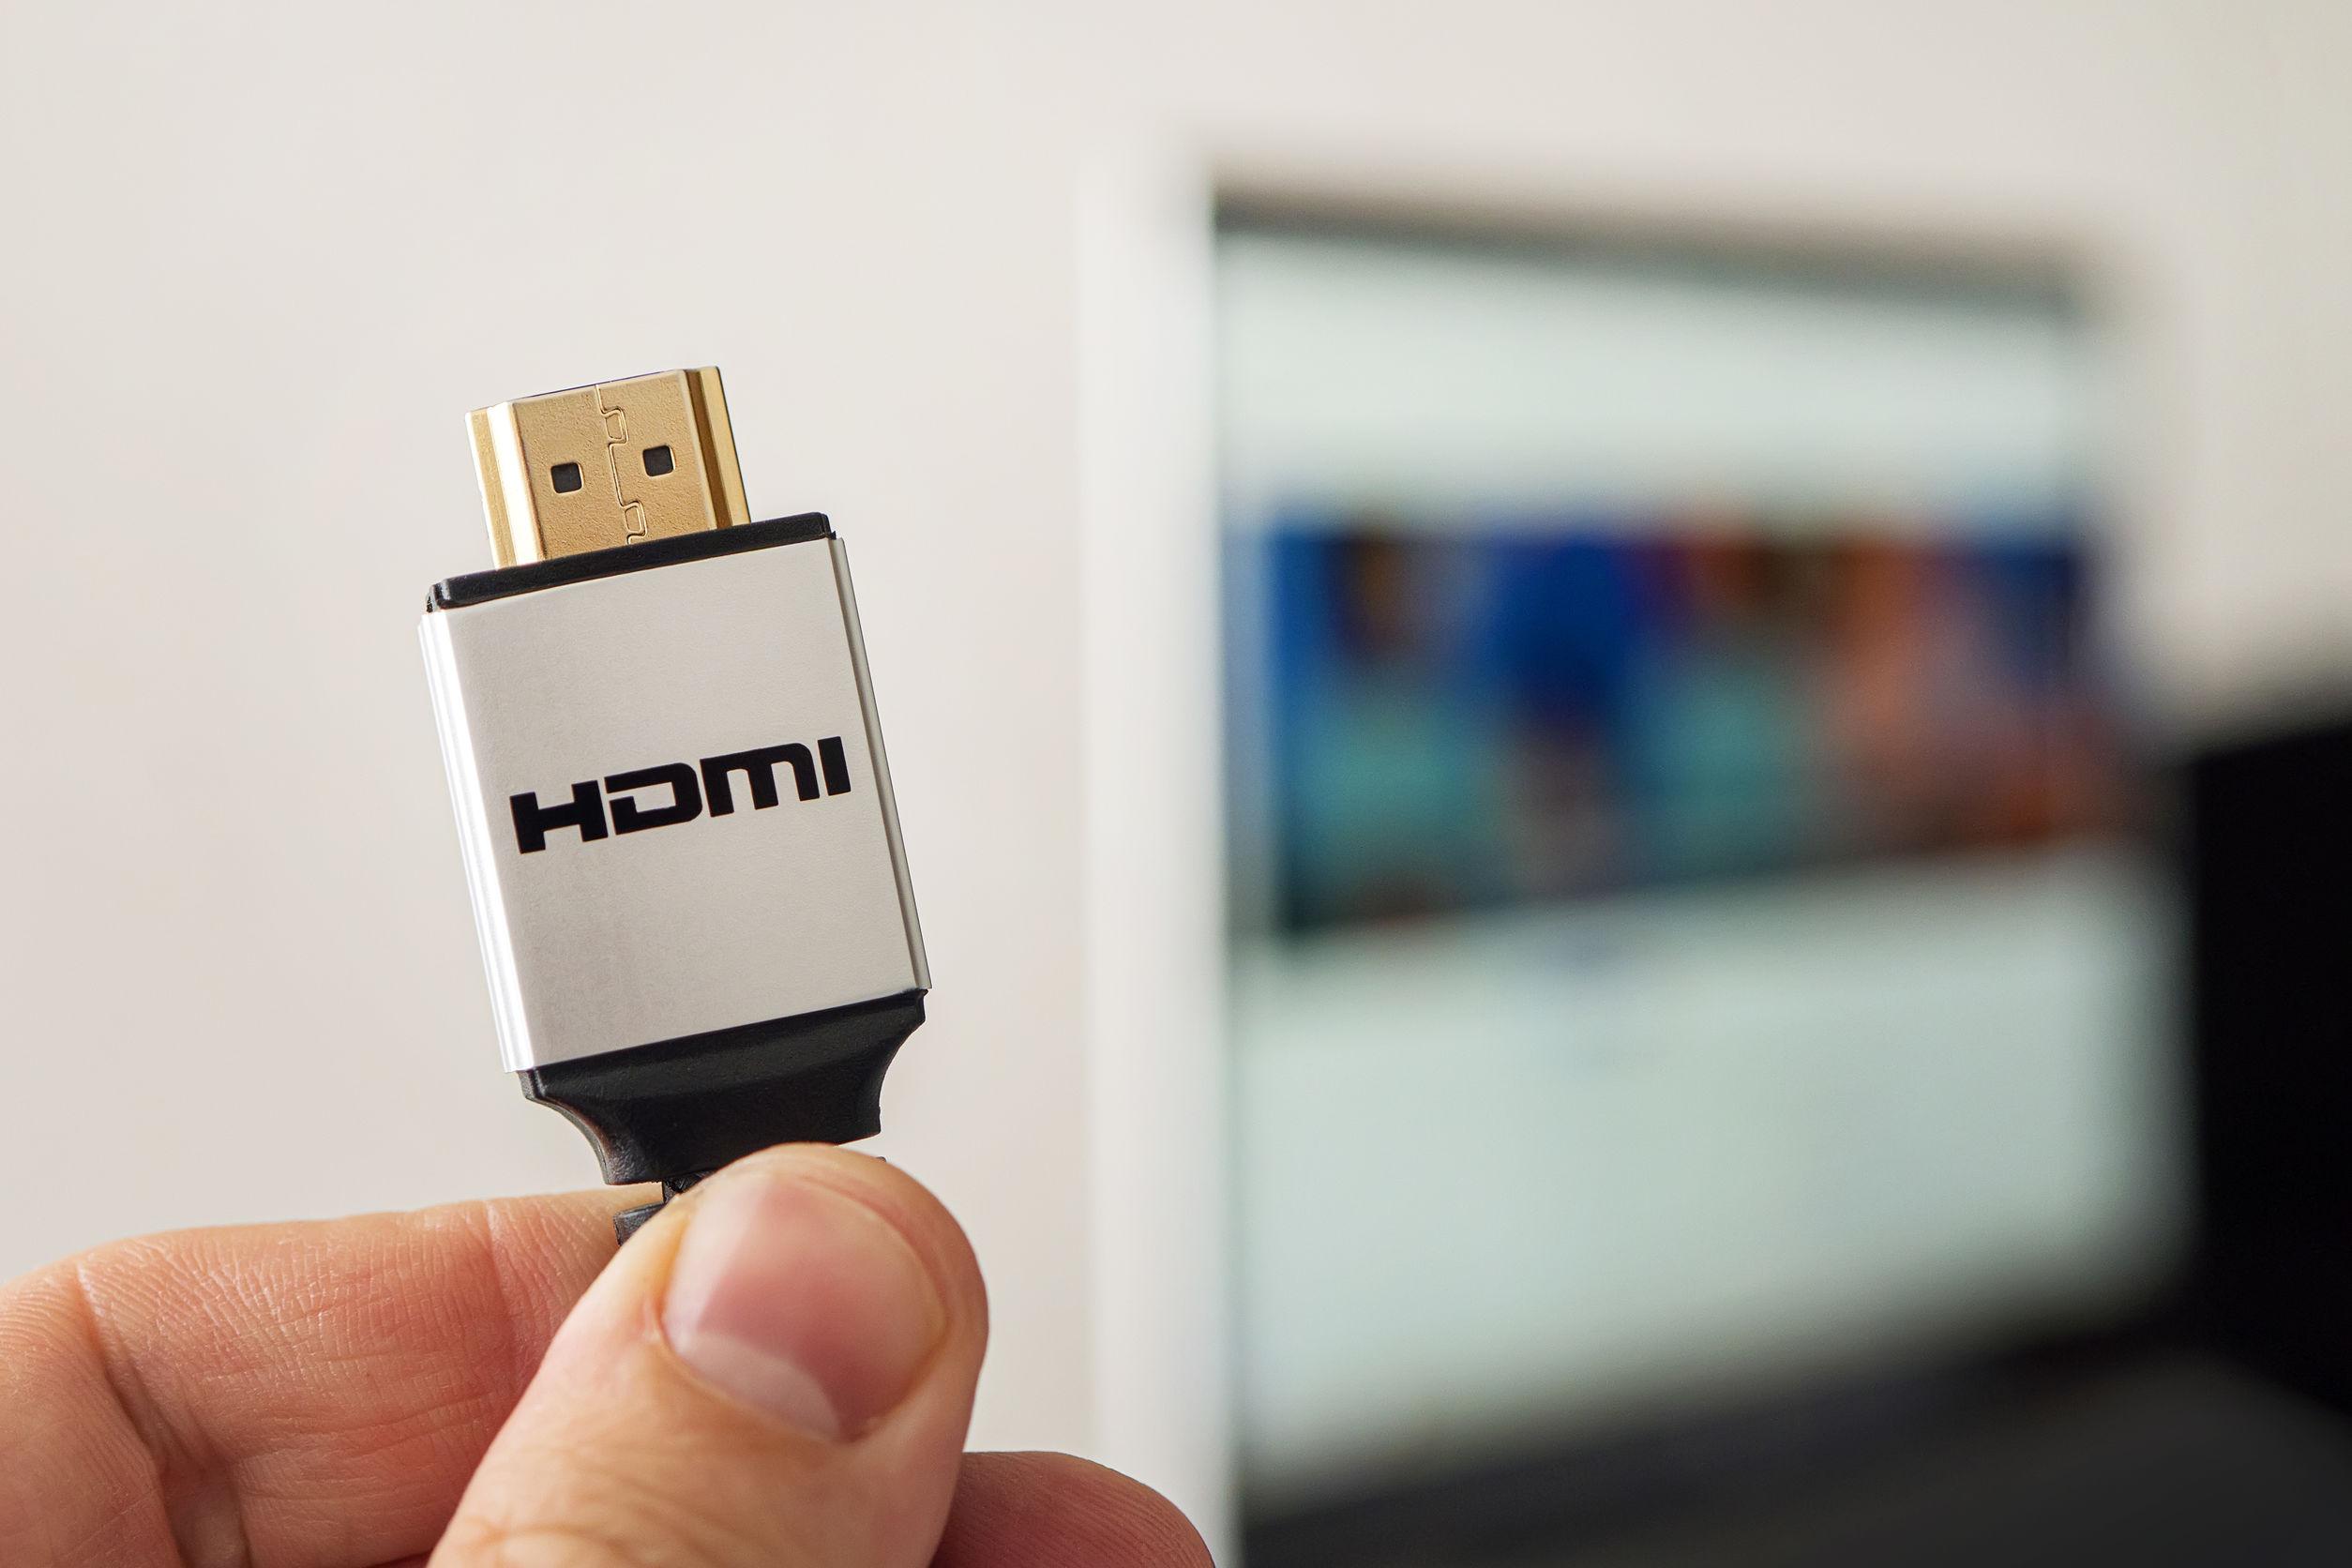 Línea HDMI que conecta el sistema de audio y video del portátil al proyector o TV